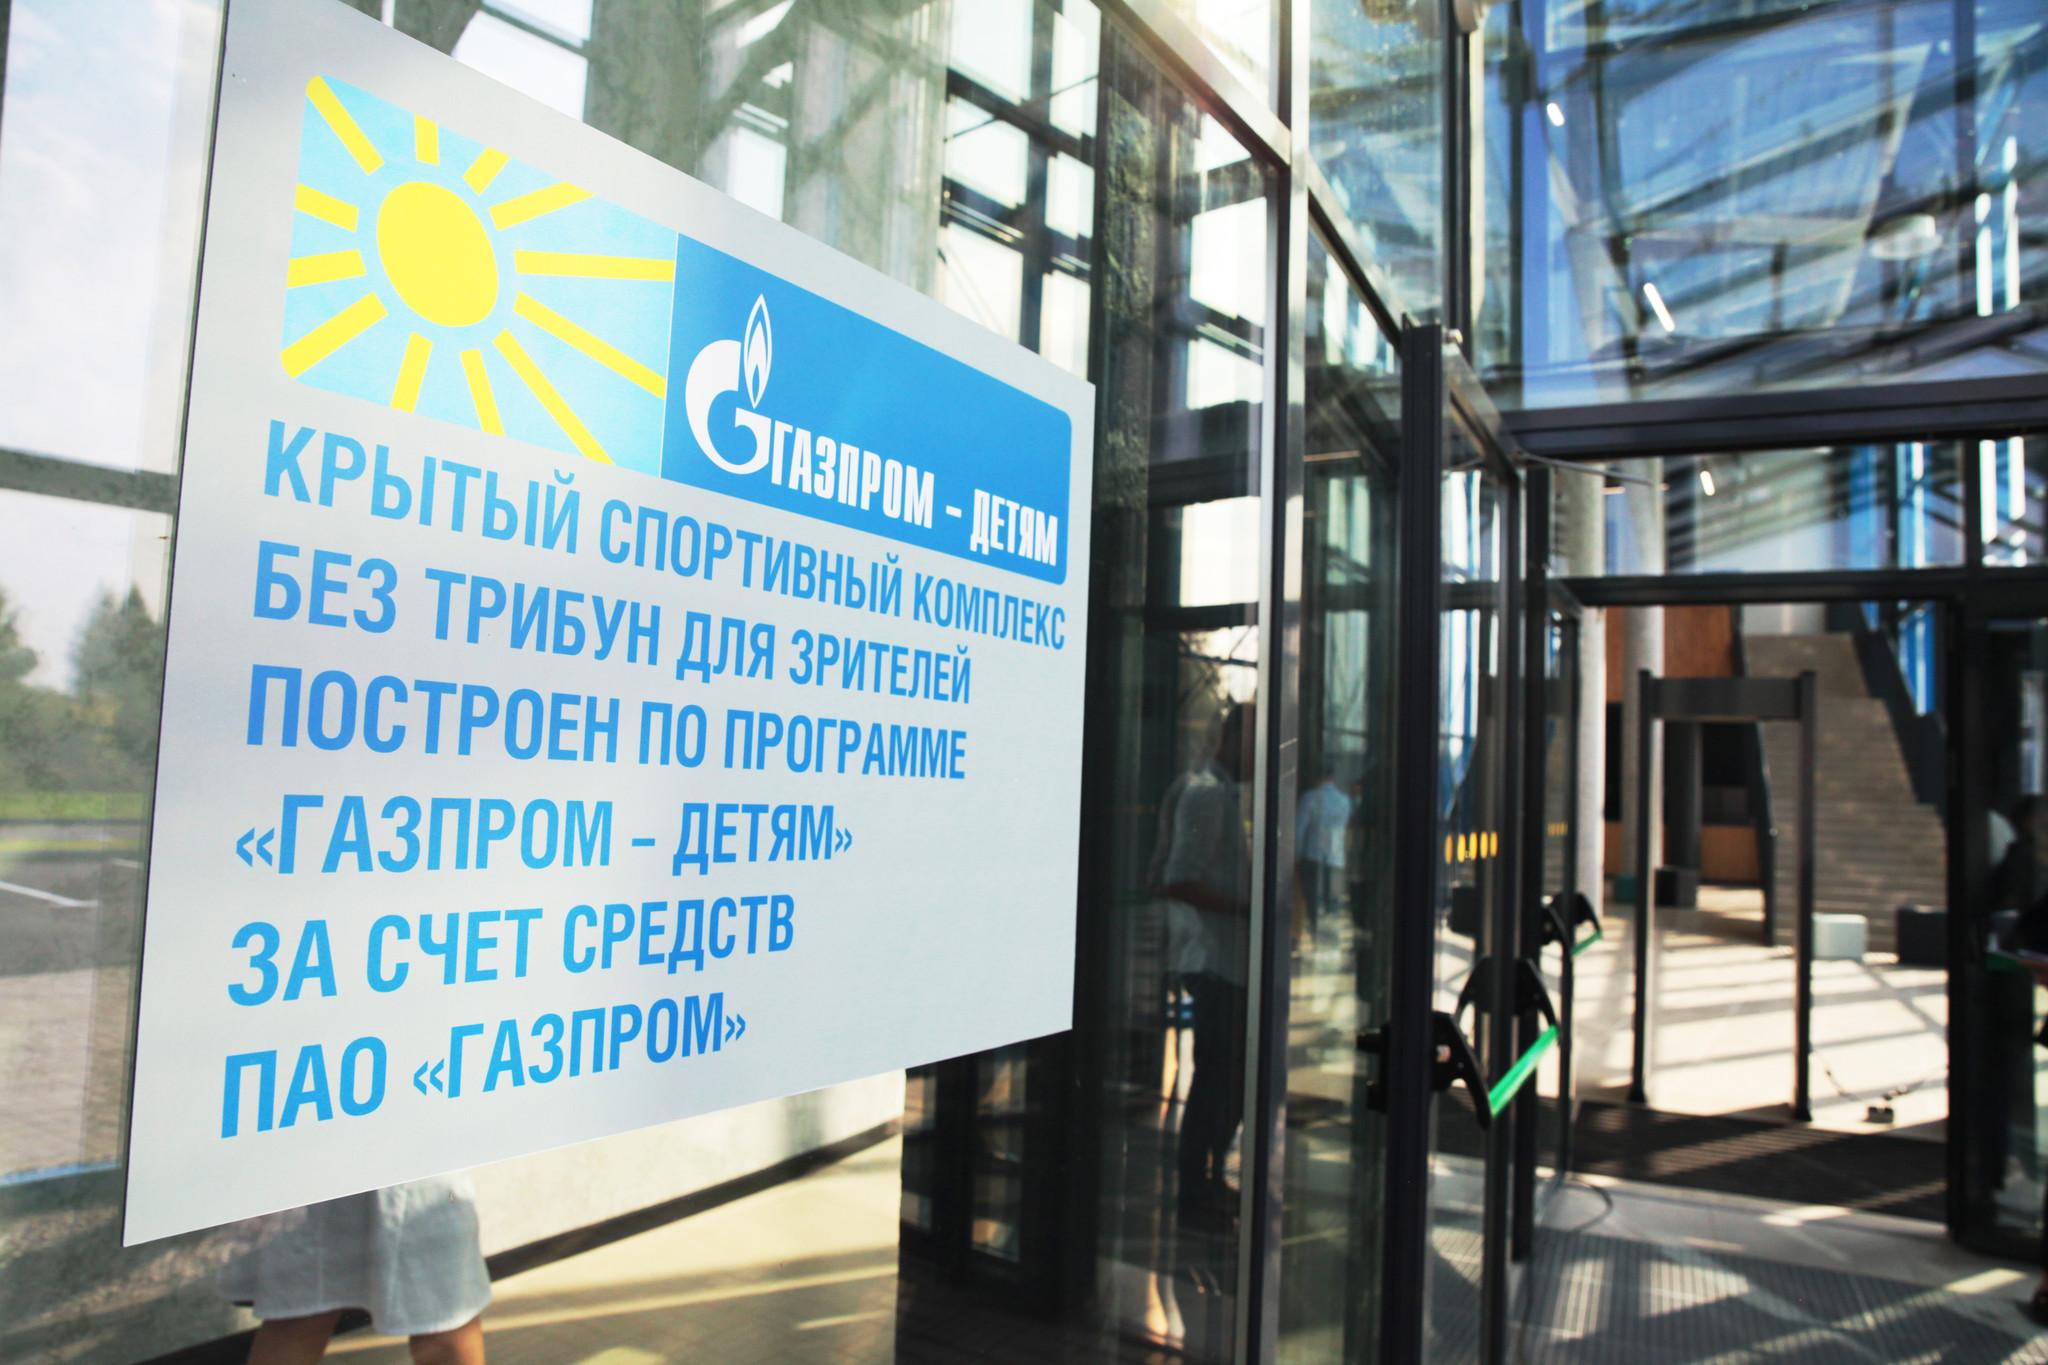 В Санкт-Петербурге открылся новый спортивный комплекс, построенный по программе «Газпром — детям»